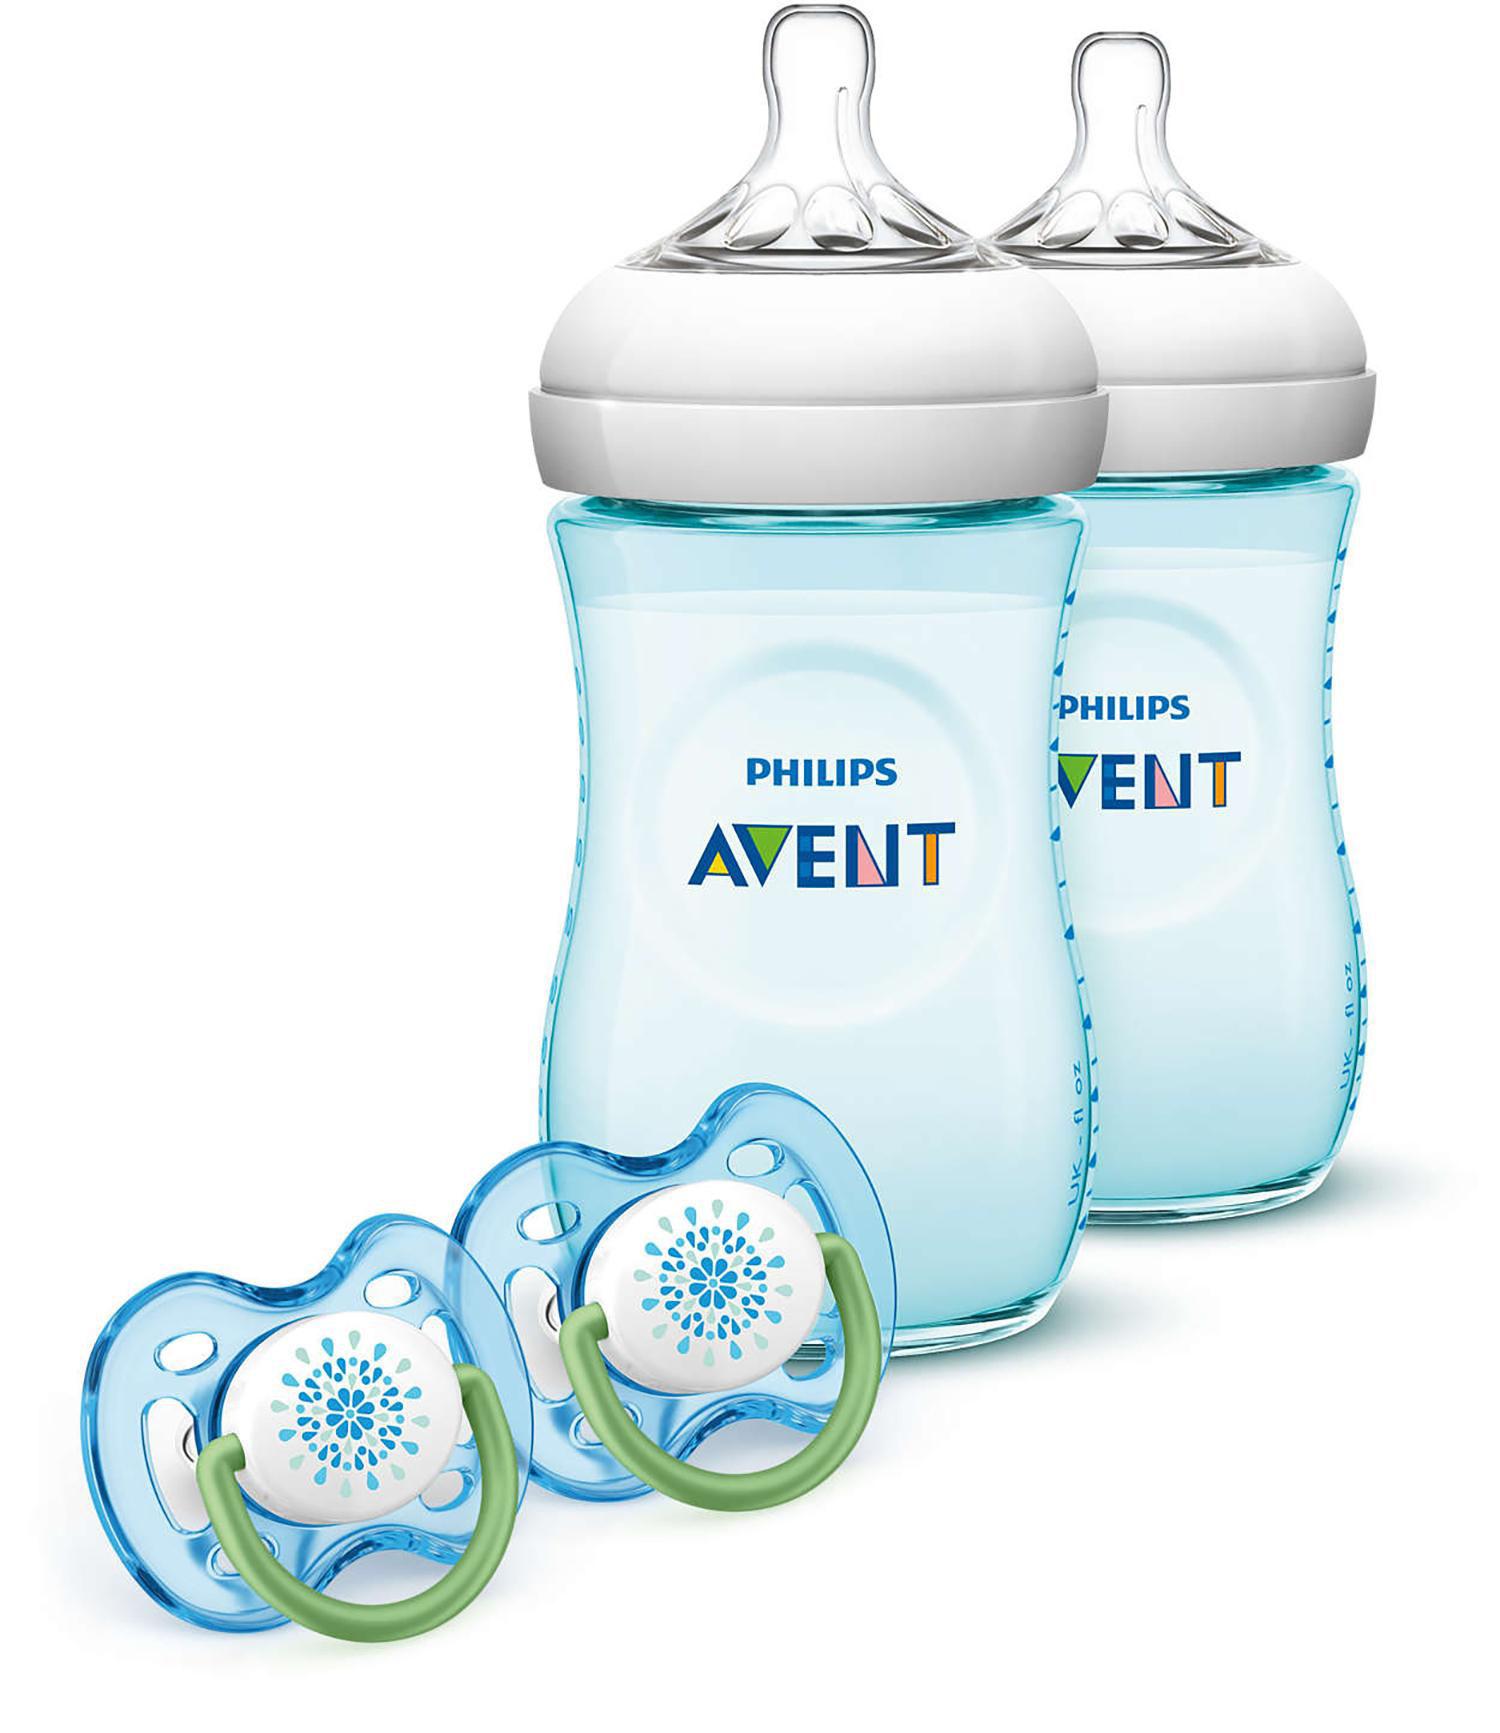 Philips Avent Teal Bottle Feeding Drinkware